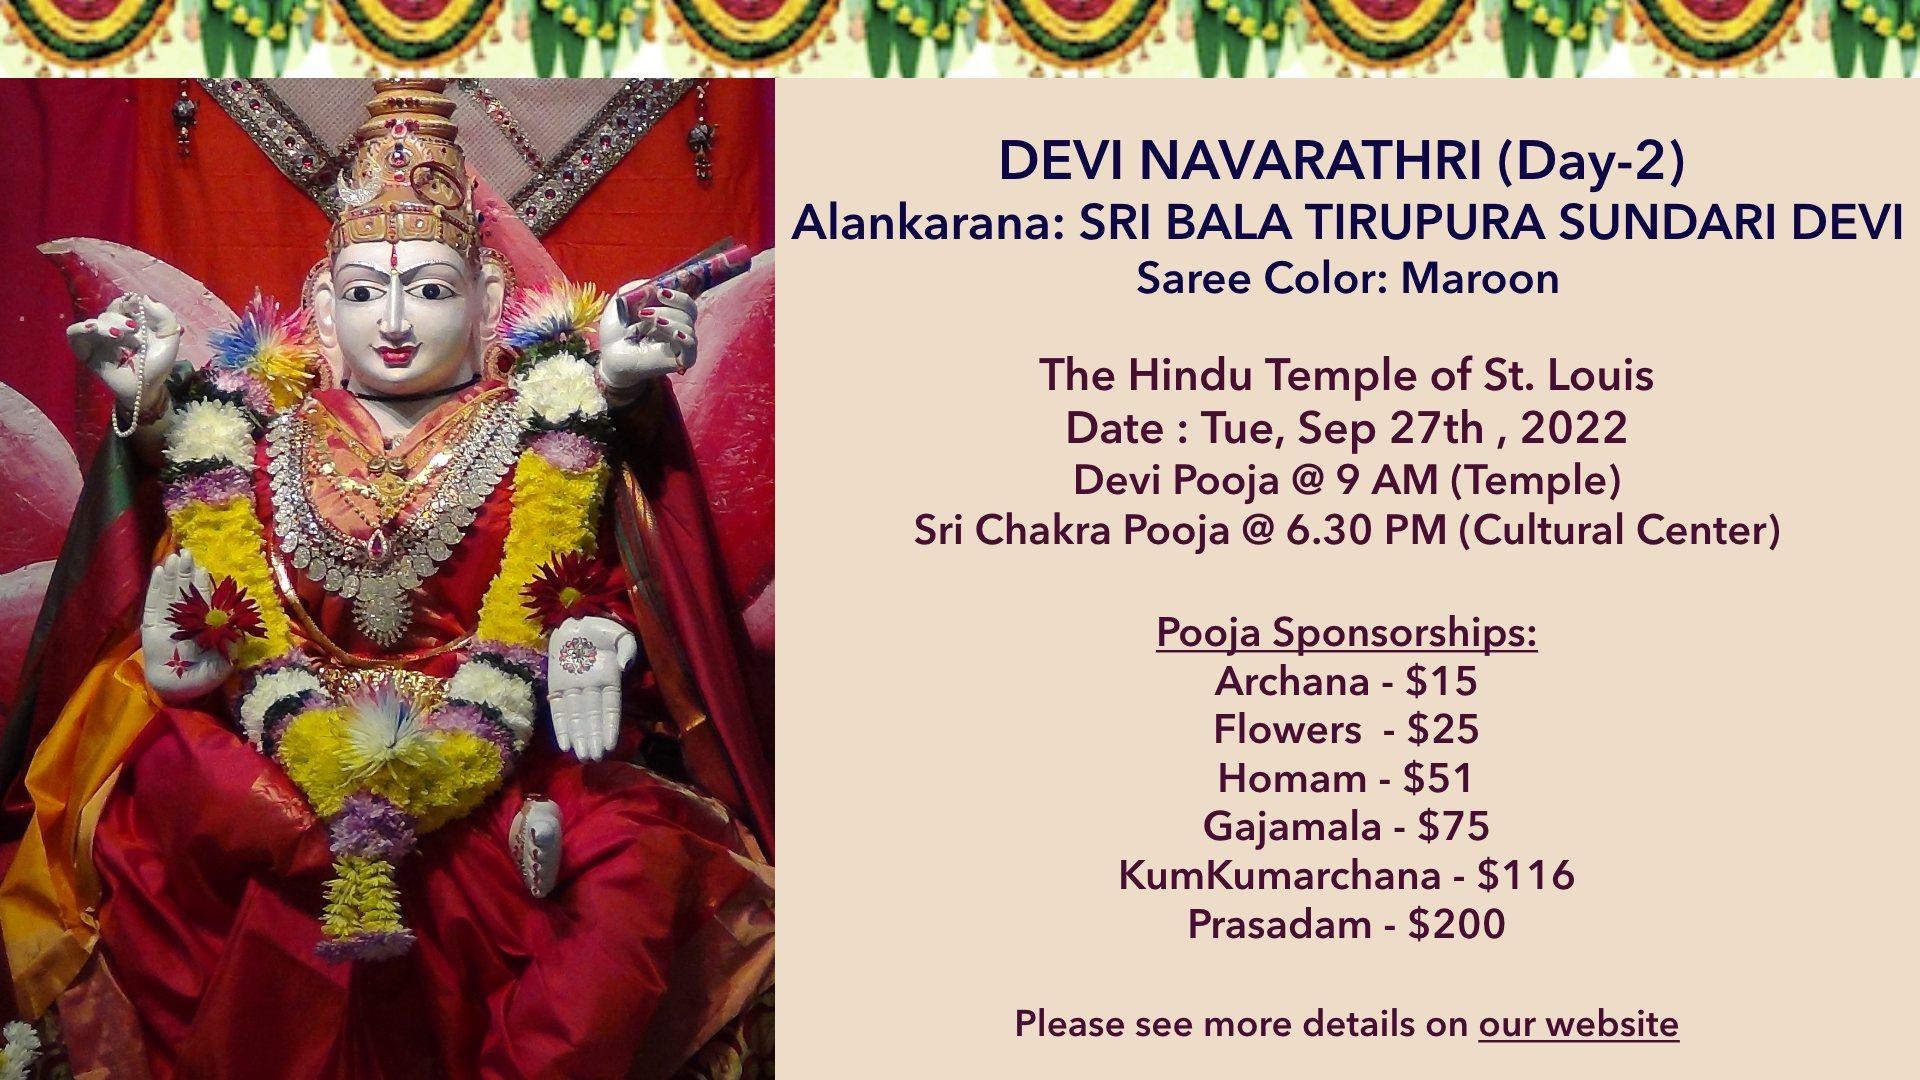 Devi Navarathri – Day2 @11/07